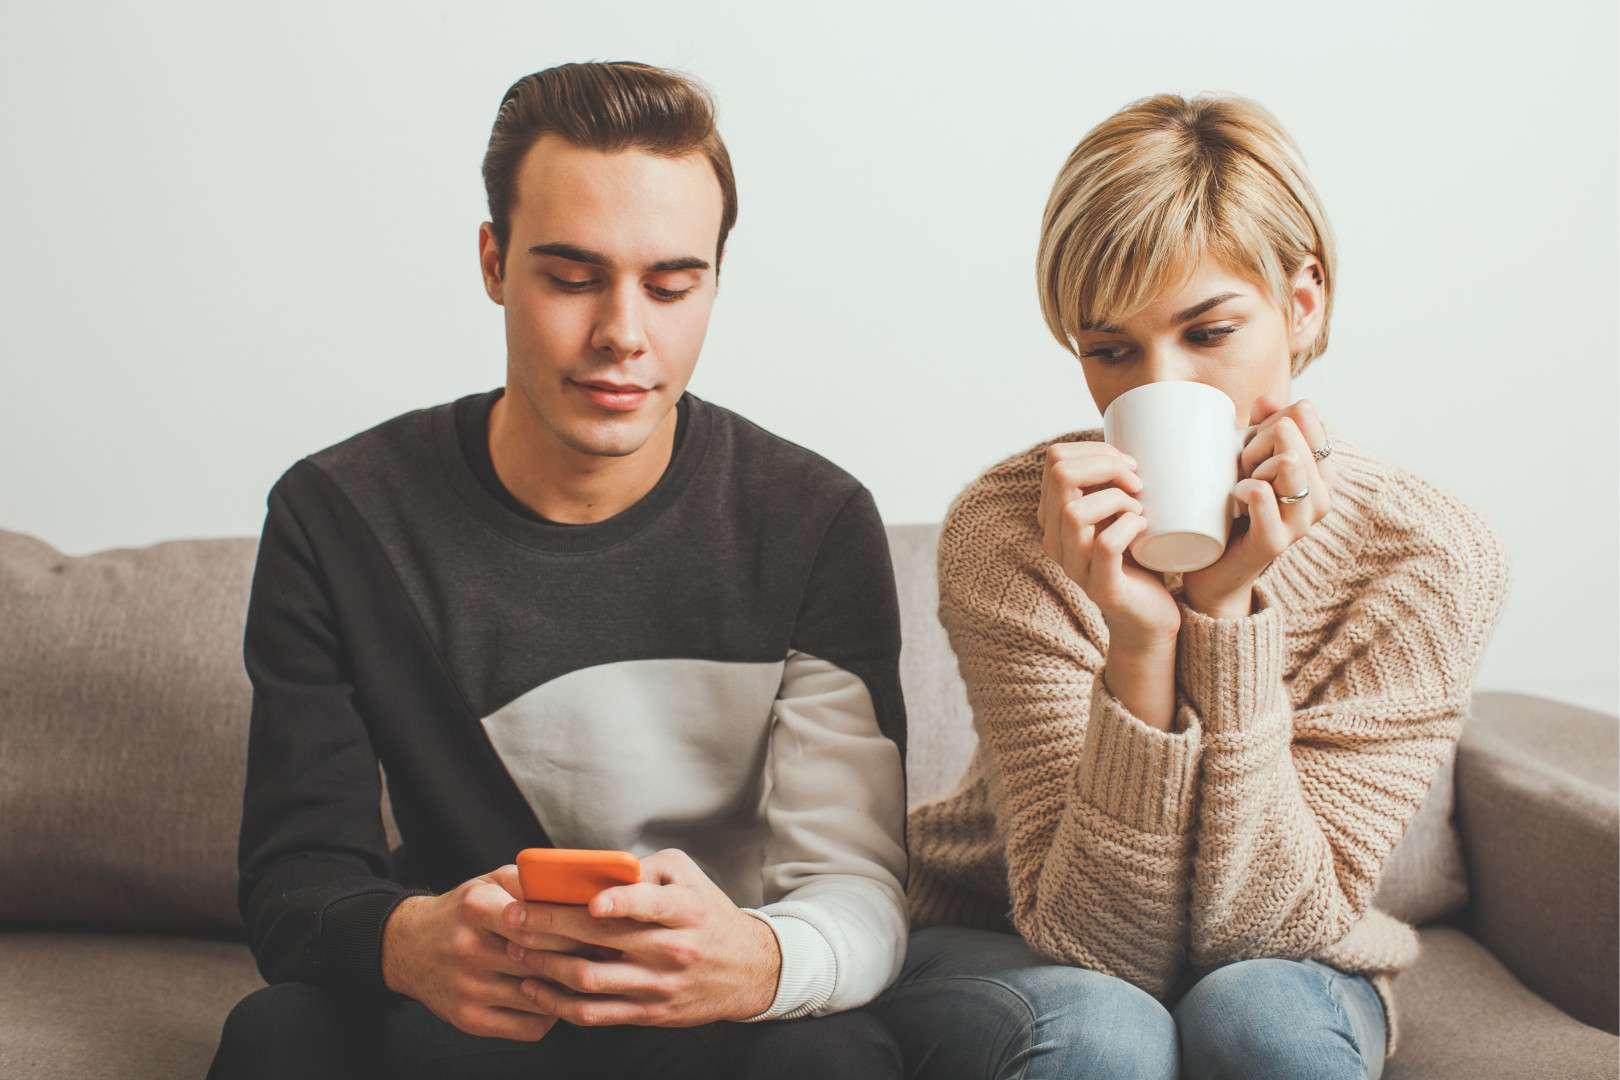 woman glancing at husband's phone